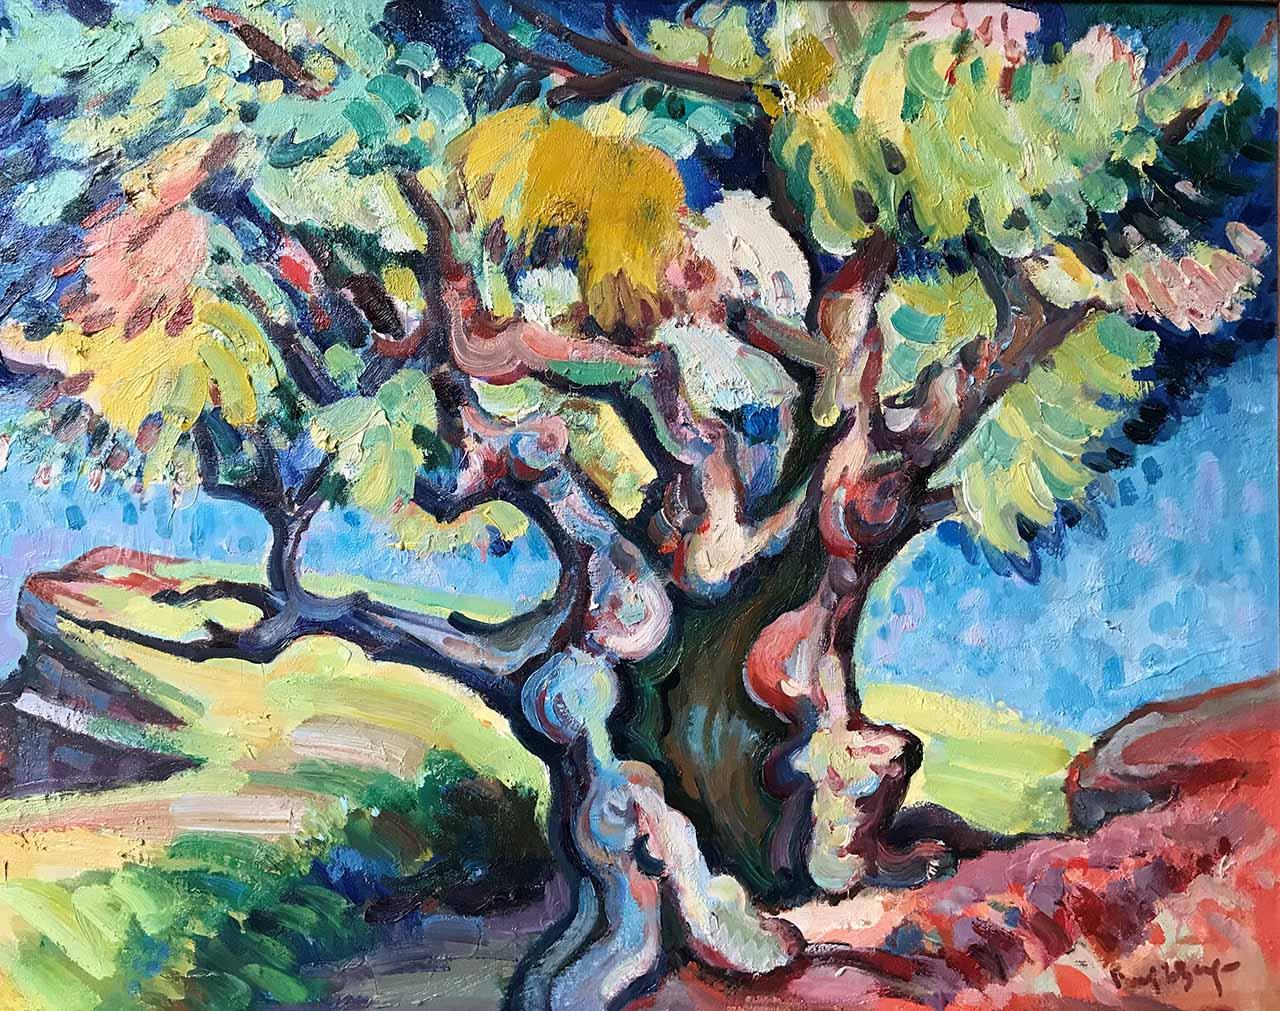 Freek van den Berg - Tree